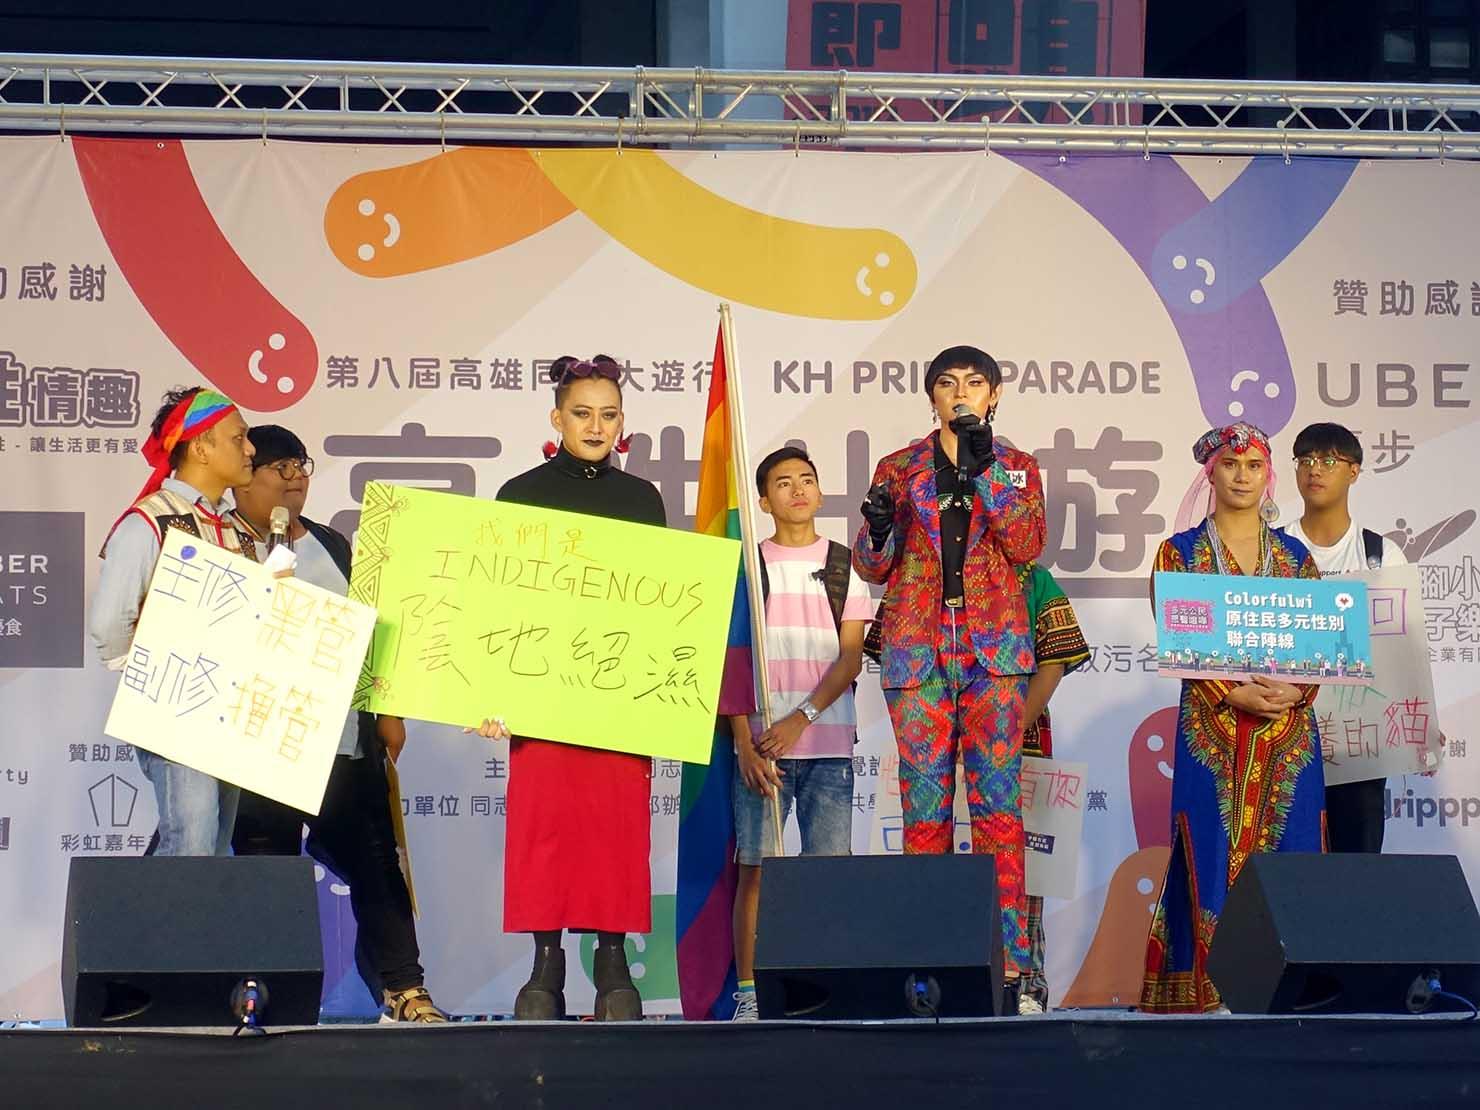 高雄同志大遊行(高雄レインボーパレード)2017のステージでスピーチをする台湾原住民族のグループ